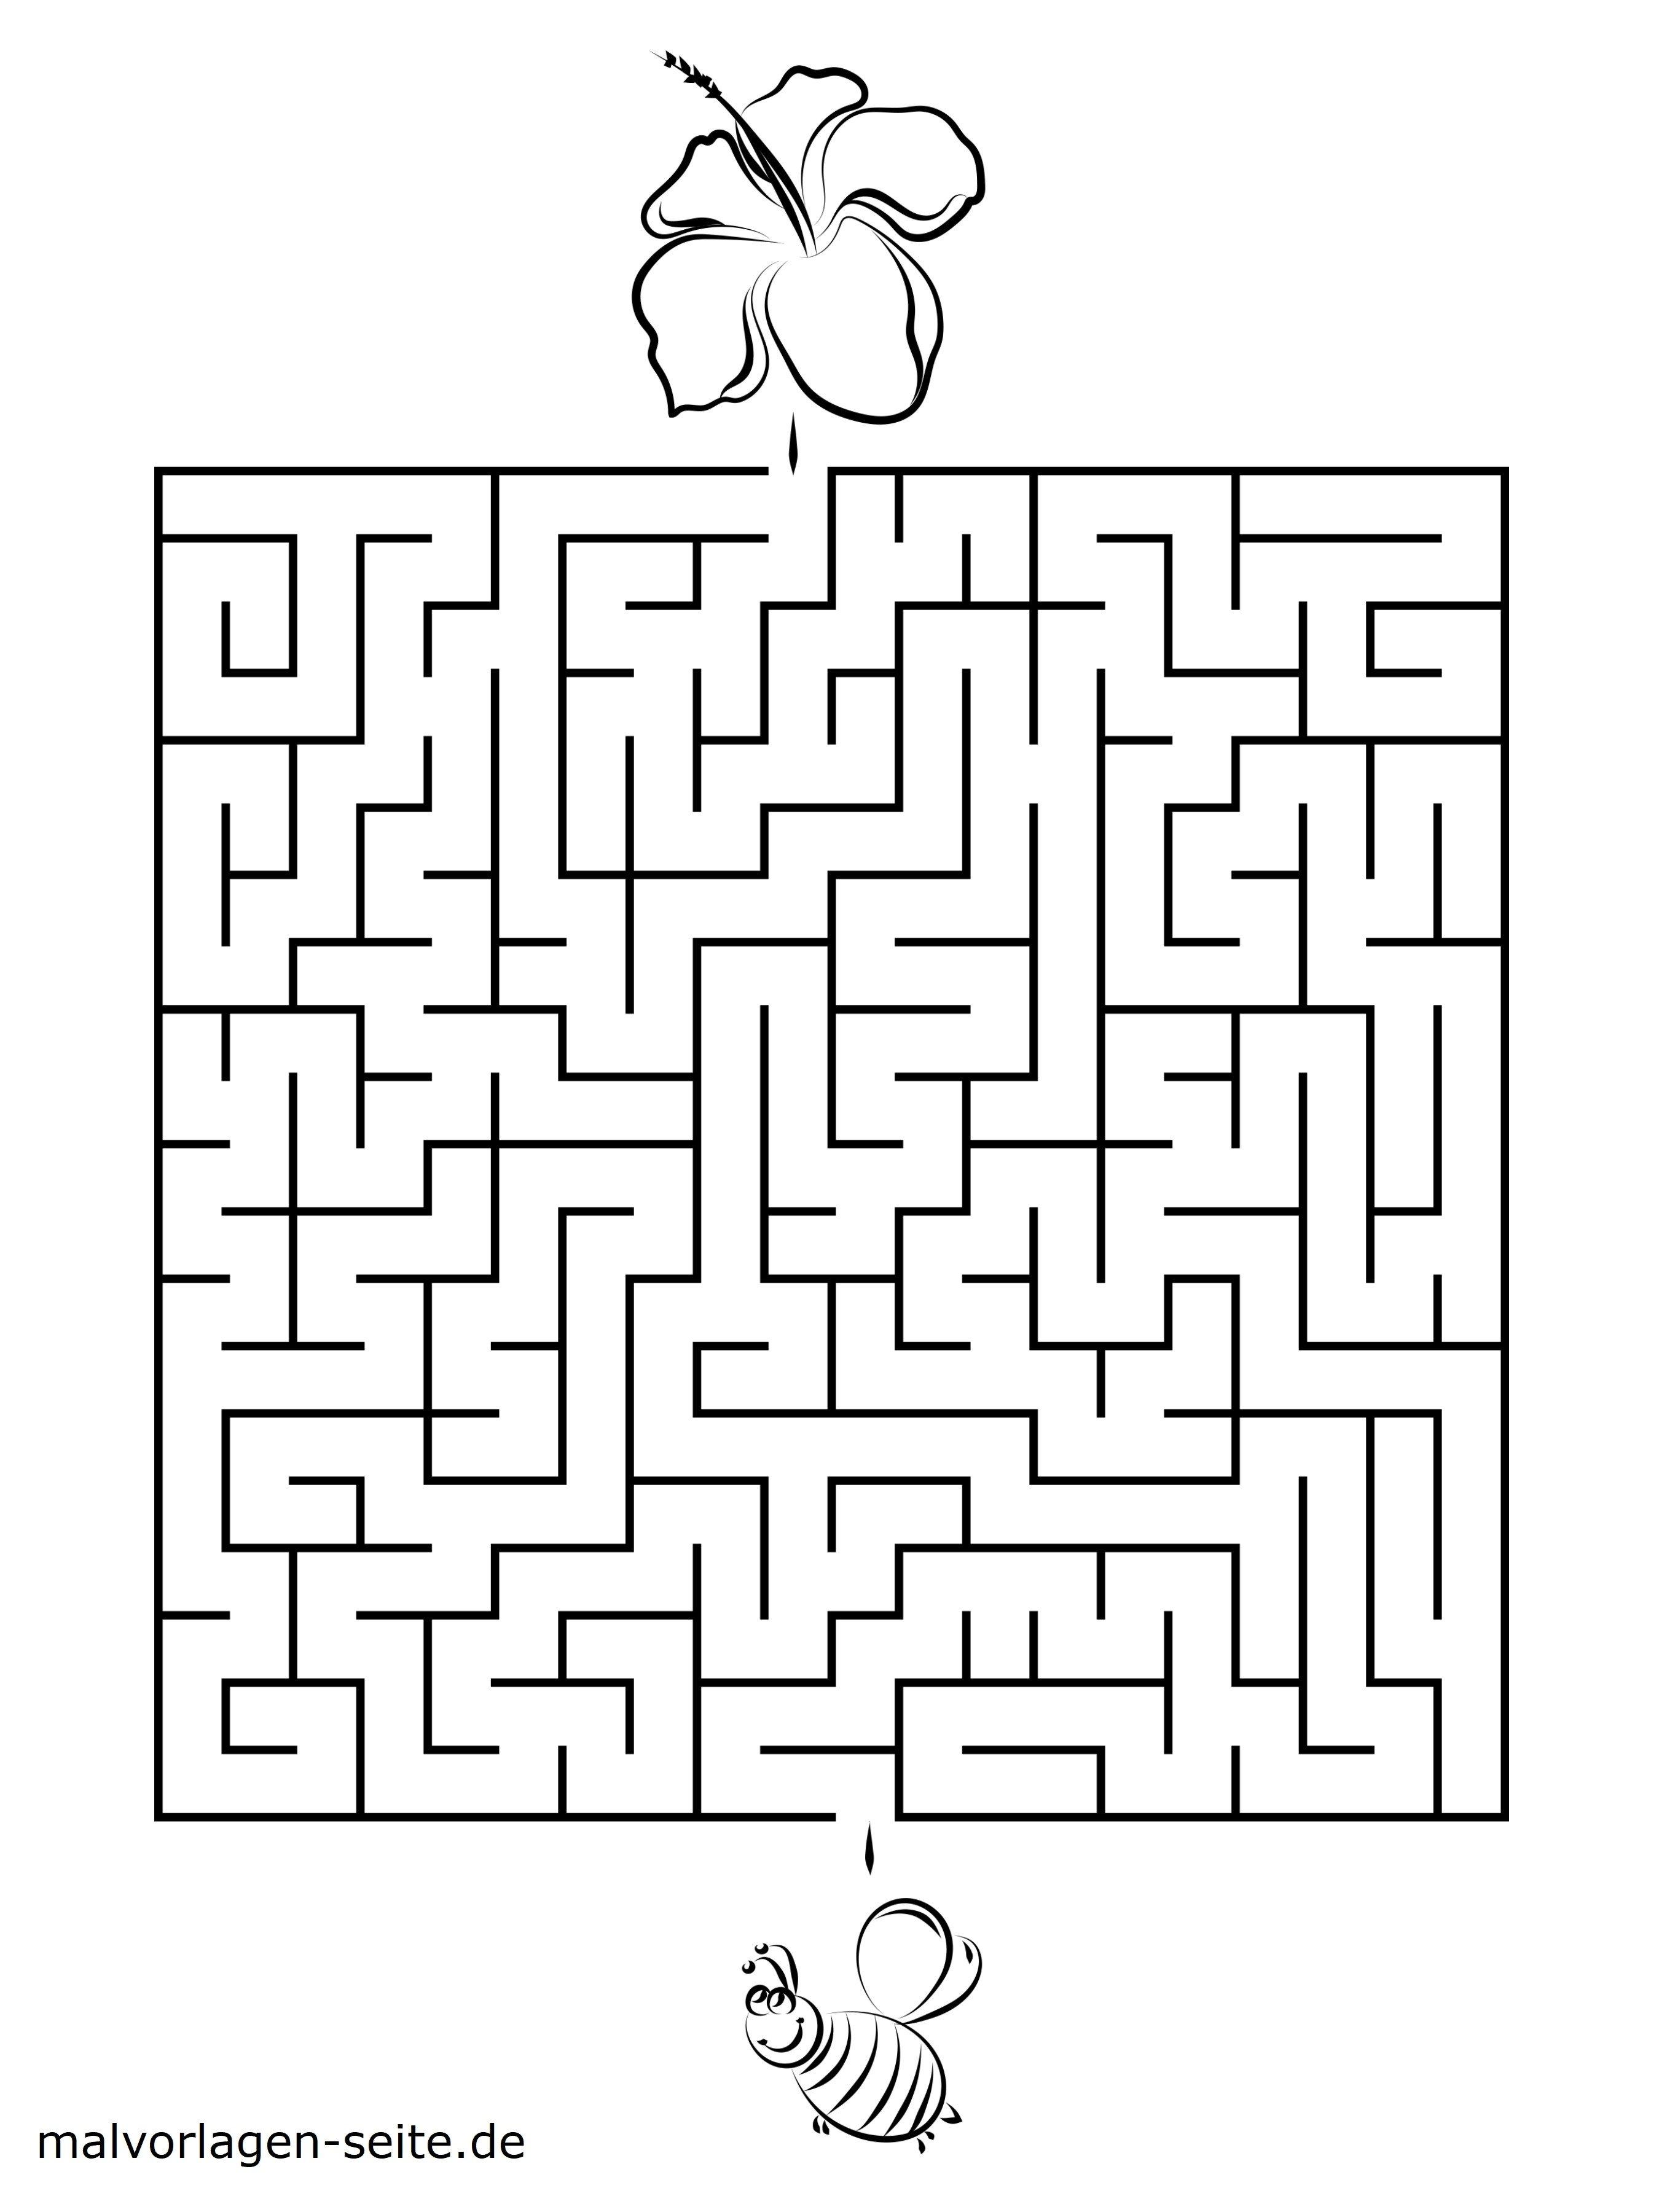 Labyrinthe für Kinder zum Ausdrucken - Kostenlos rätseln